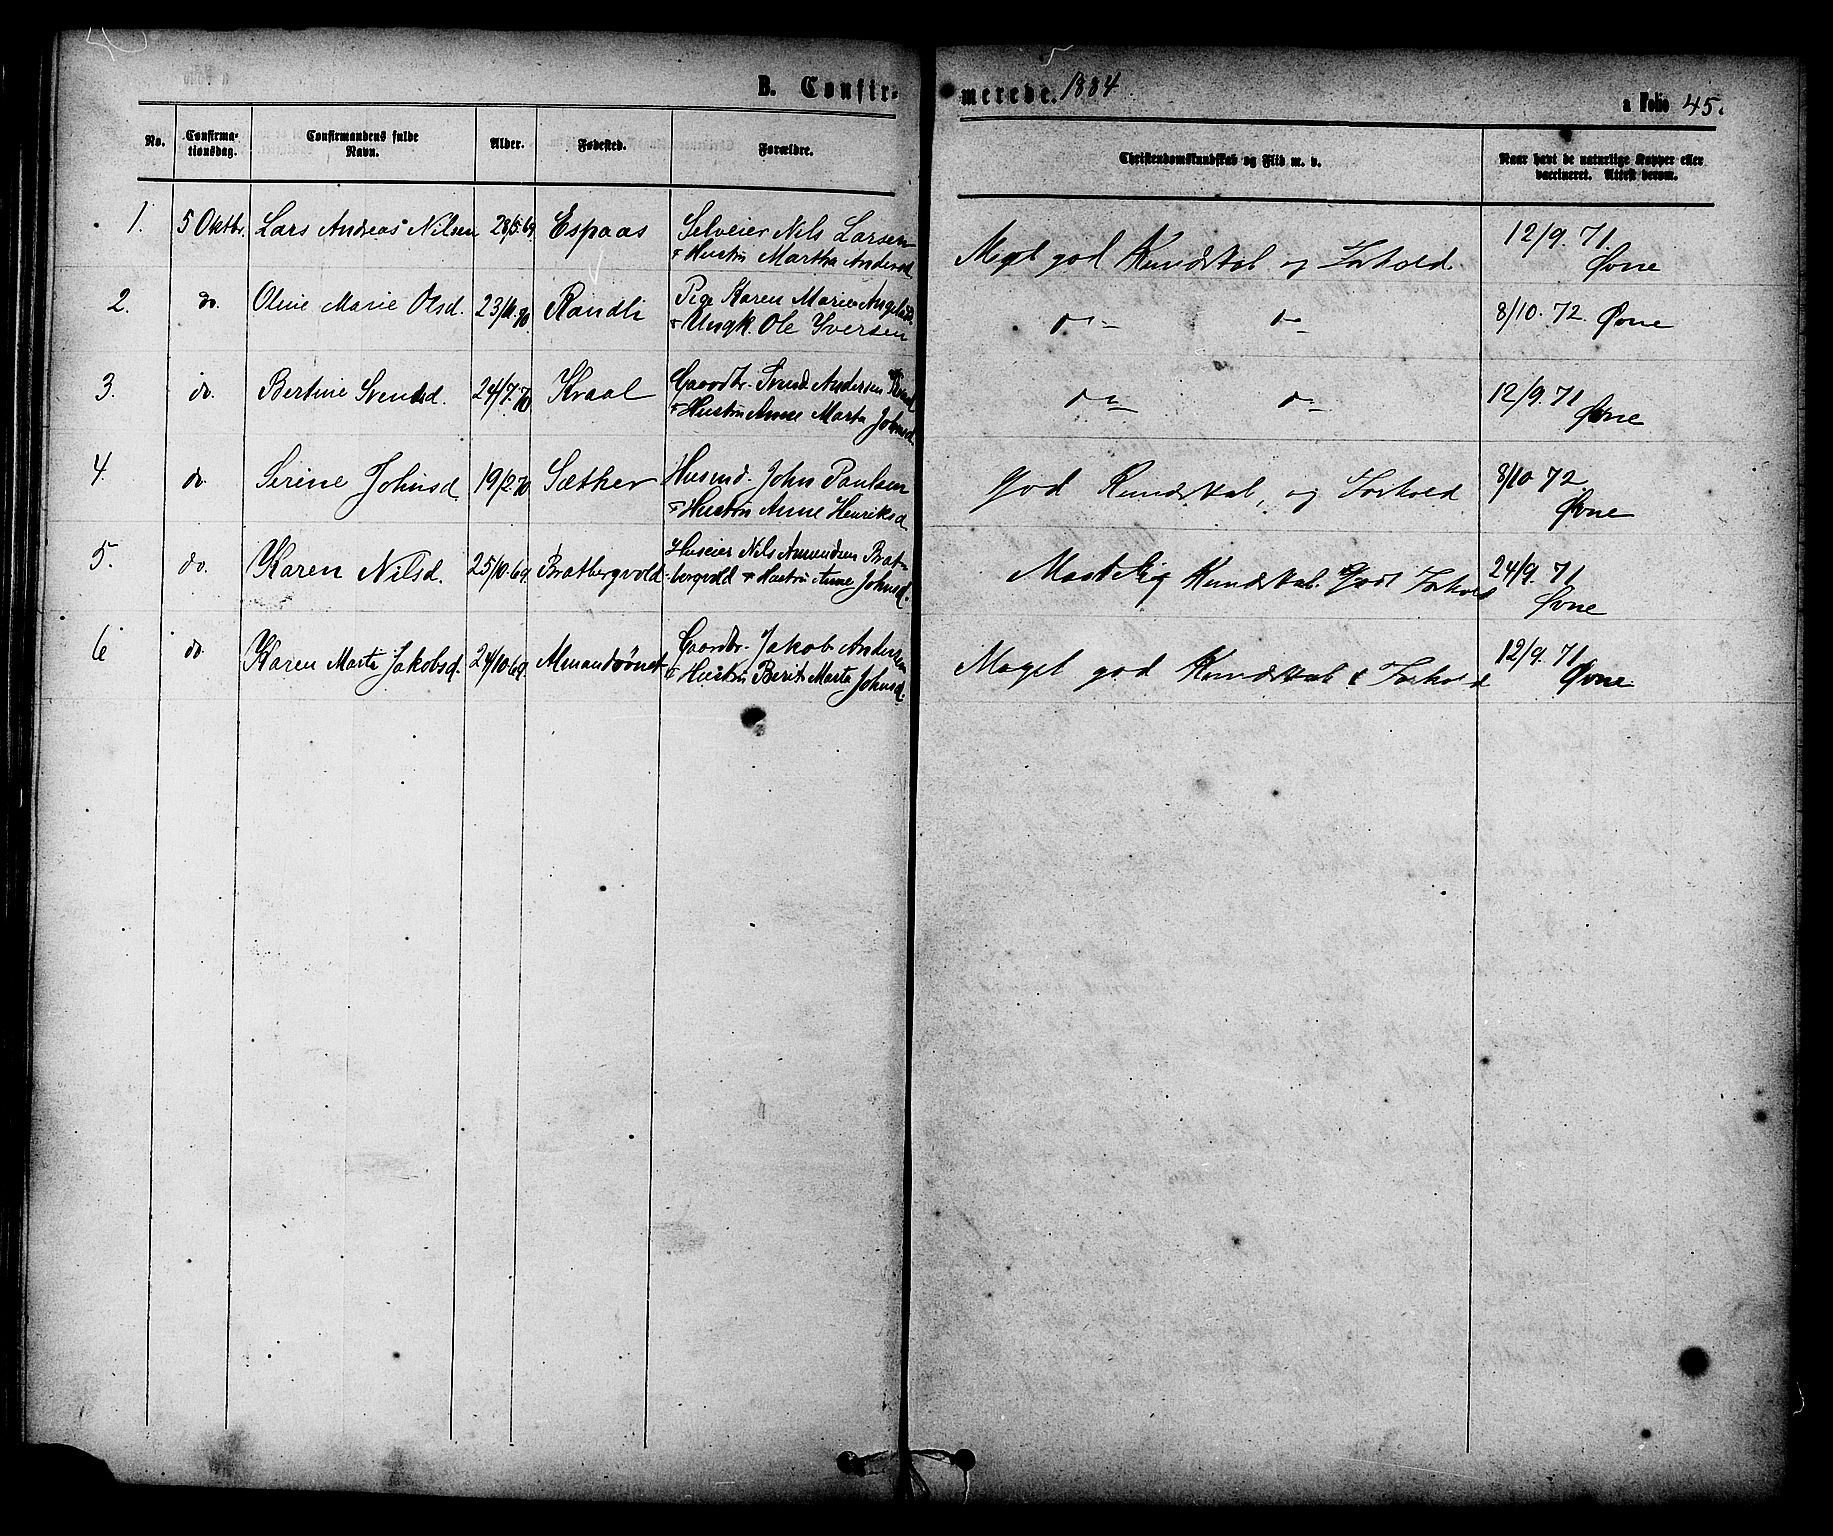 SAT, Ministerialprotokoller, klokkerbøker og fødselsregistre - Sør-Trøndelag, 608/L0334: Ministerialbok nr. 608A03, 1877-1886, s. 45